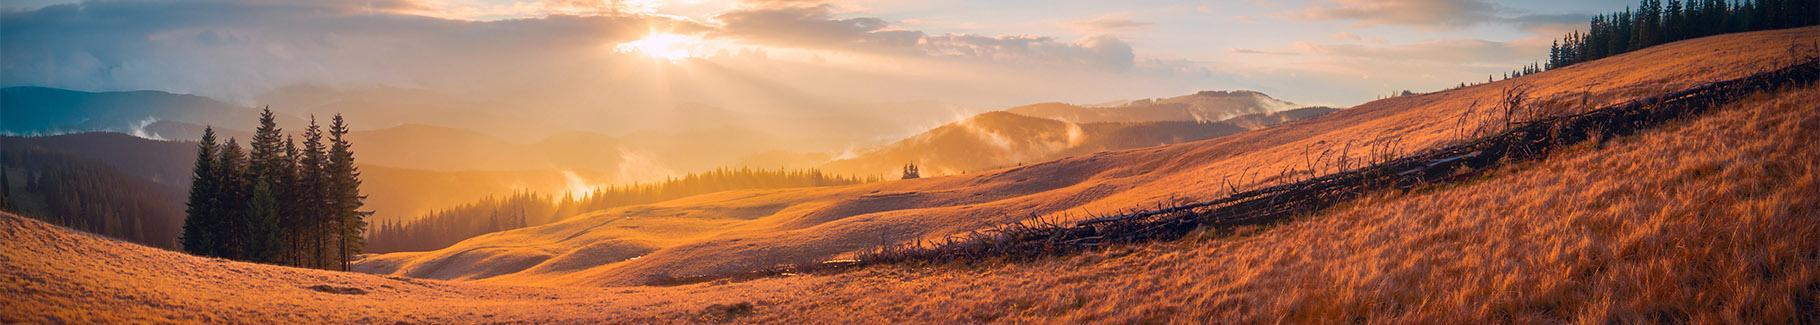 Fototapeta panorama gór